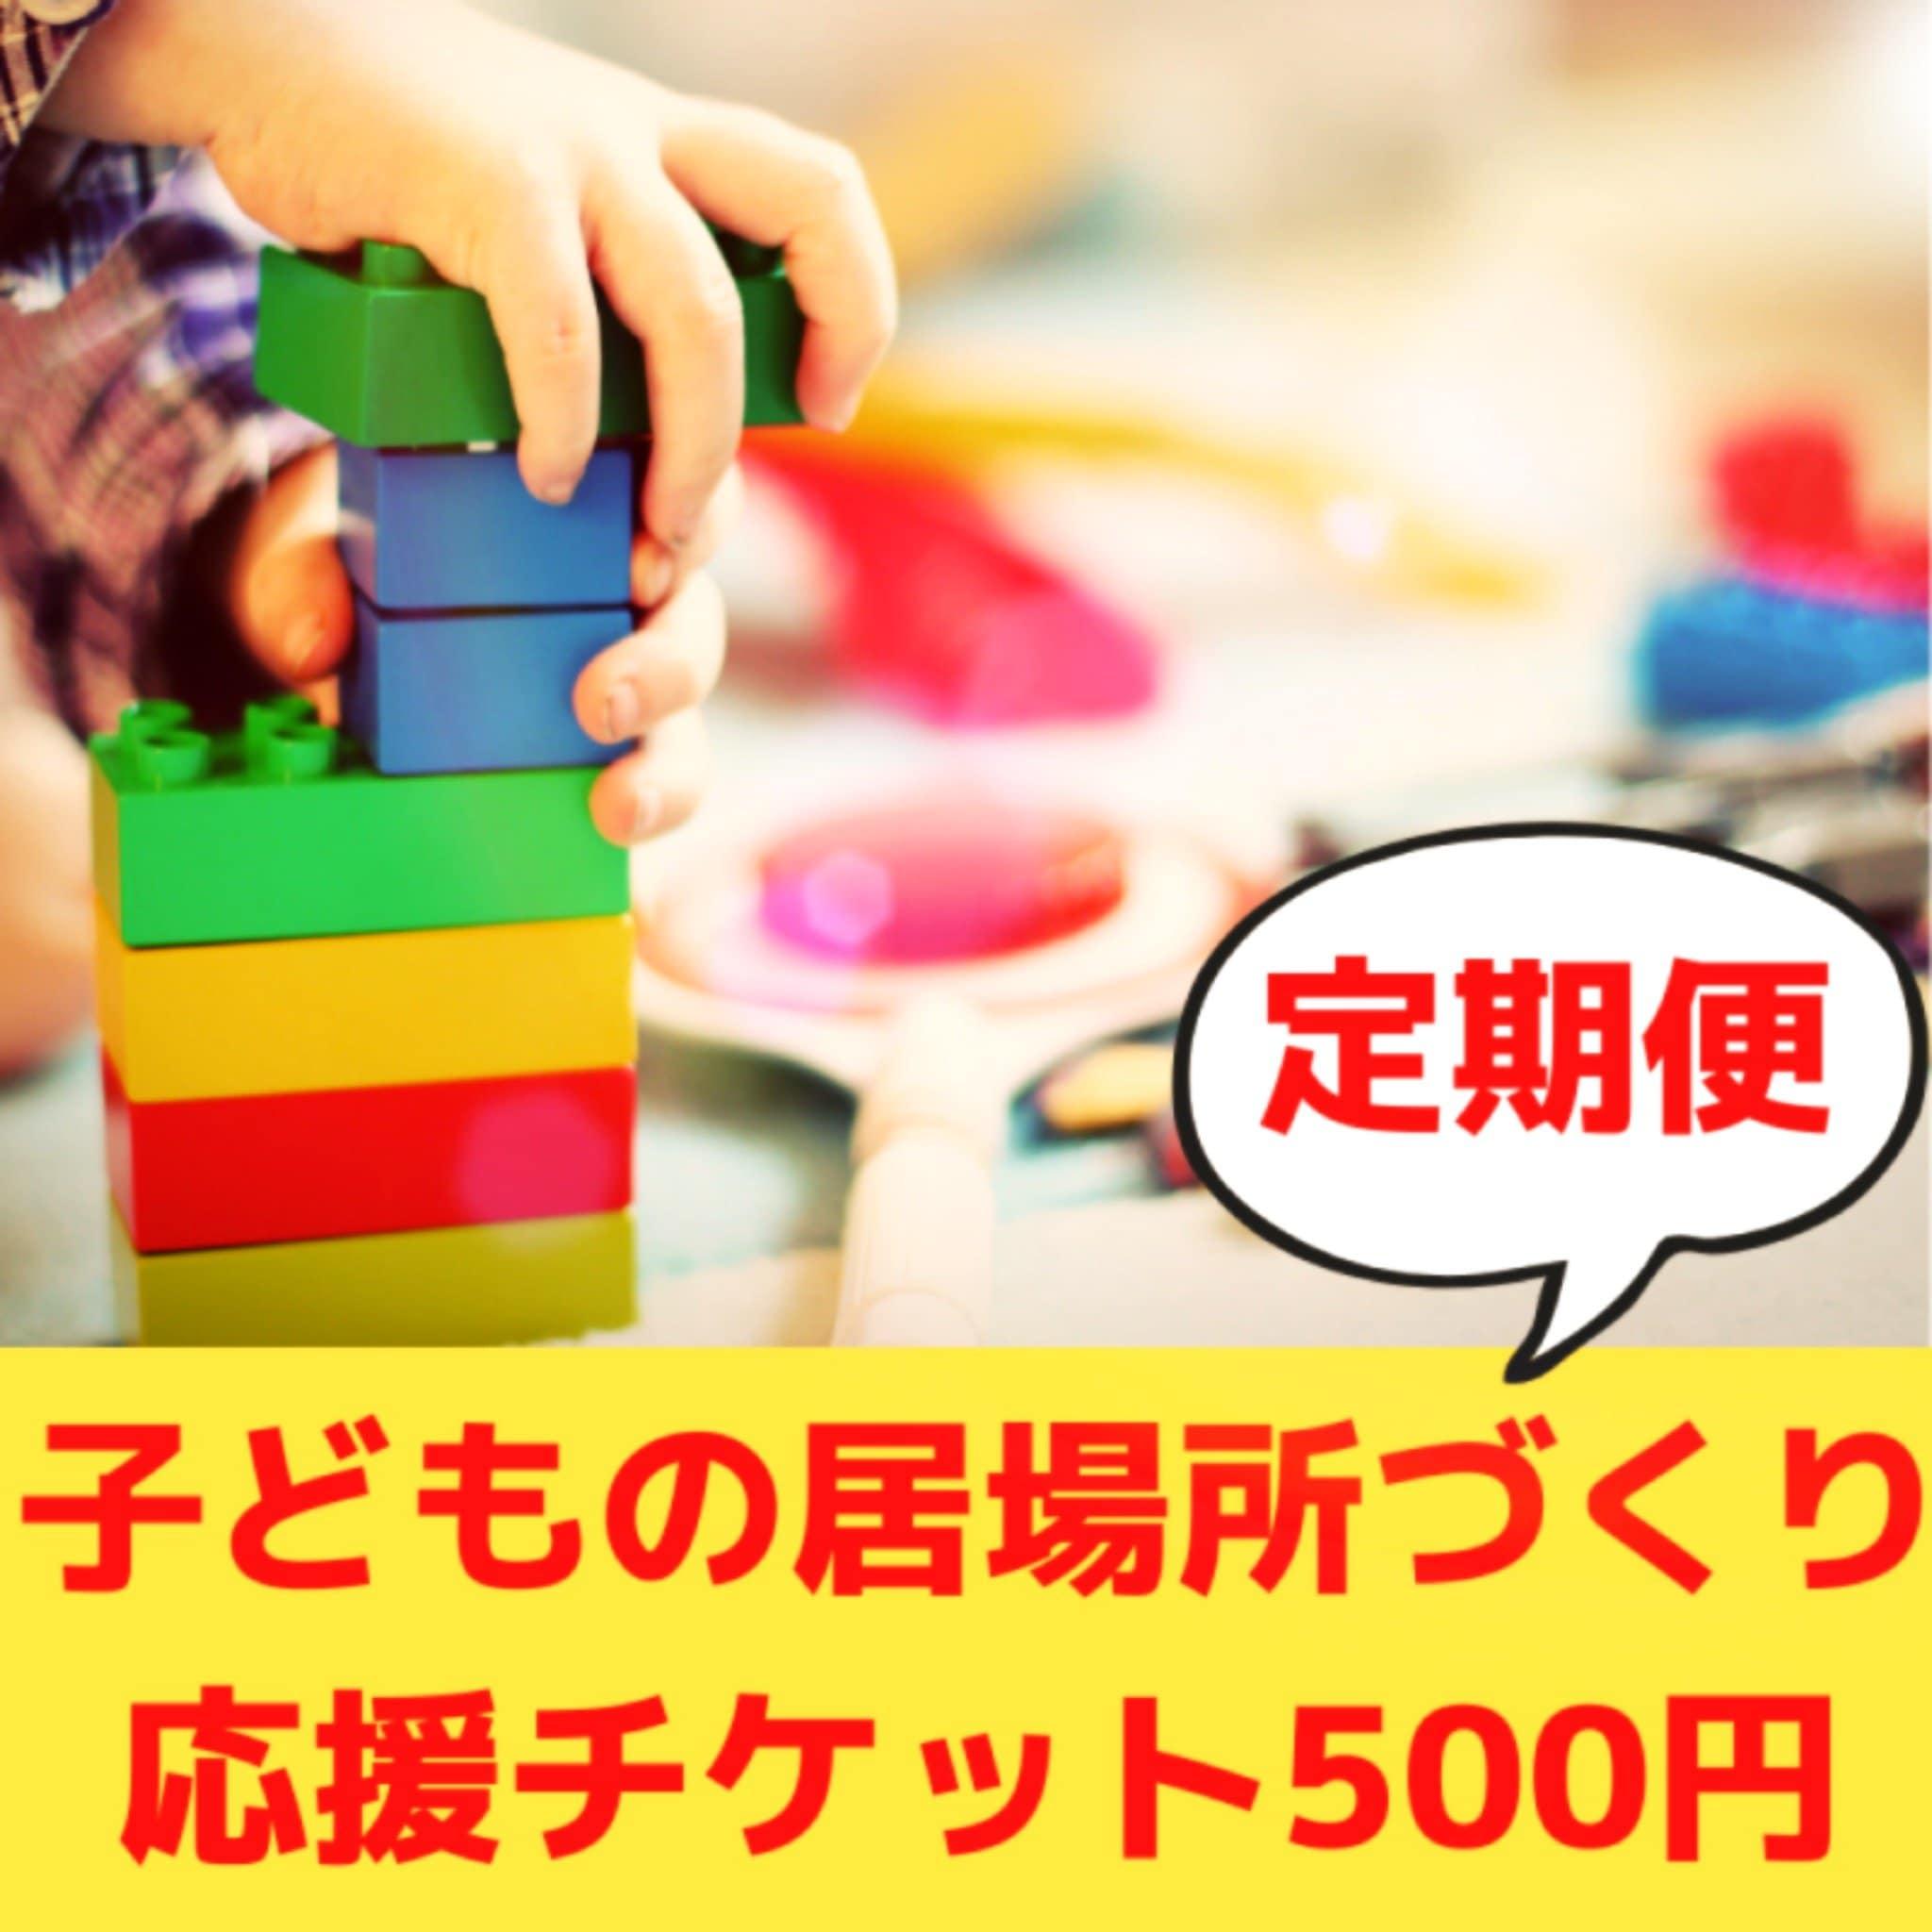 【毎月定期】子どもの居場所づくり・お食事提供応援チケット500円のイメージその1